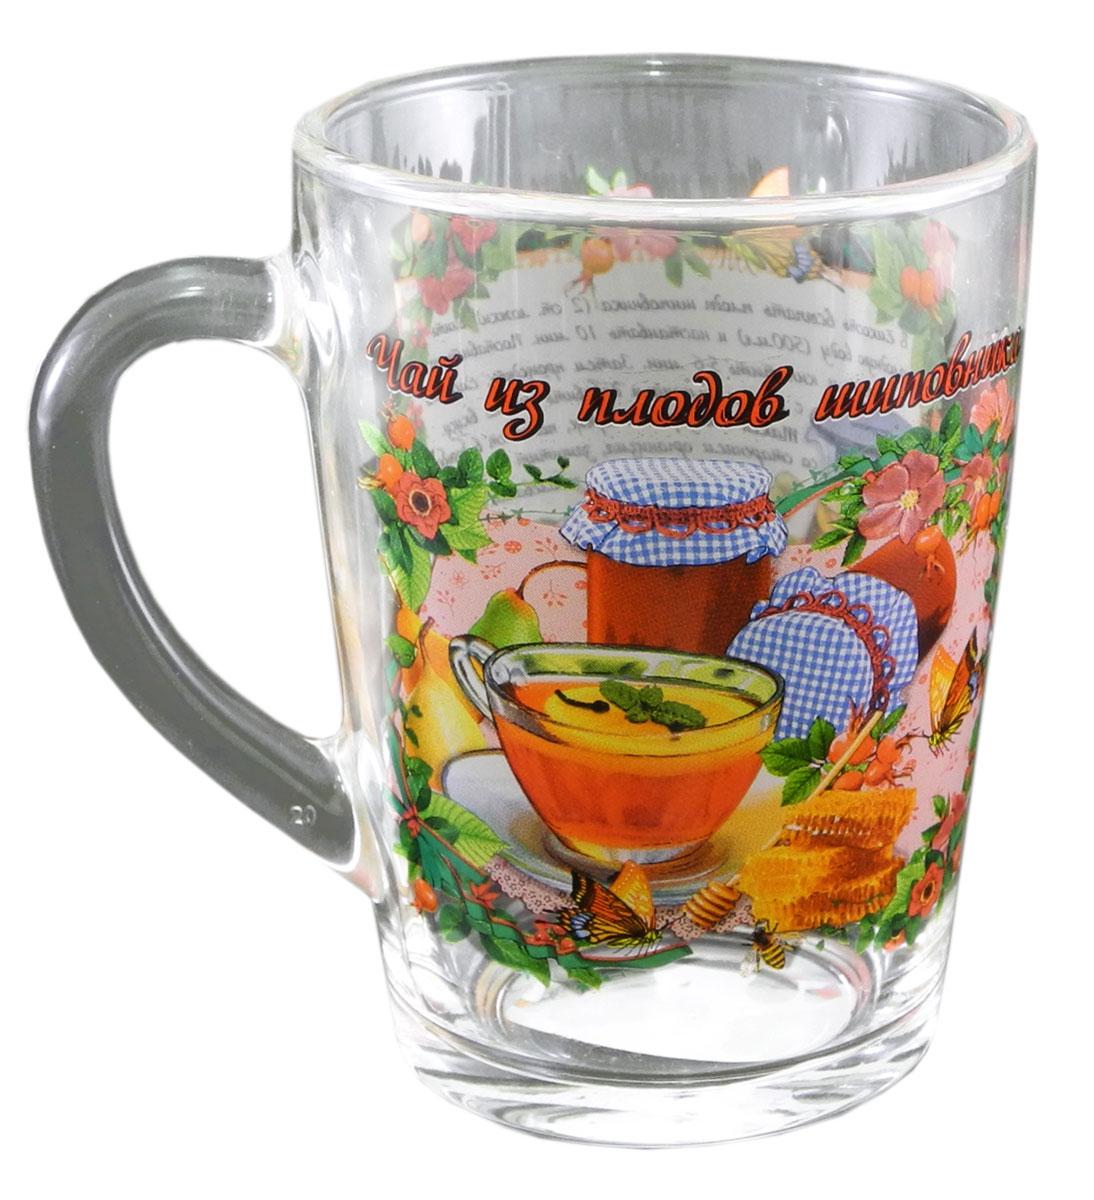 Кружка чайная Квестор Каппучино. Чай из плодов шиповника, 300 мл103-010Кружка чайная Квестор Каппучино. Чай из плодов шиповника, 300 мл